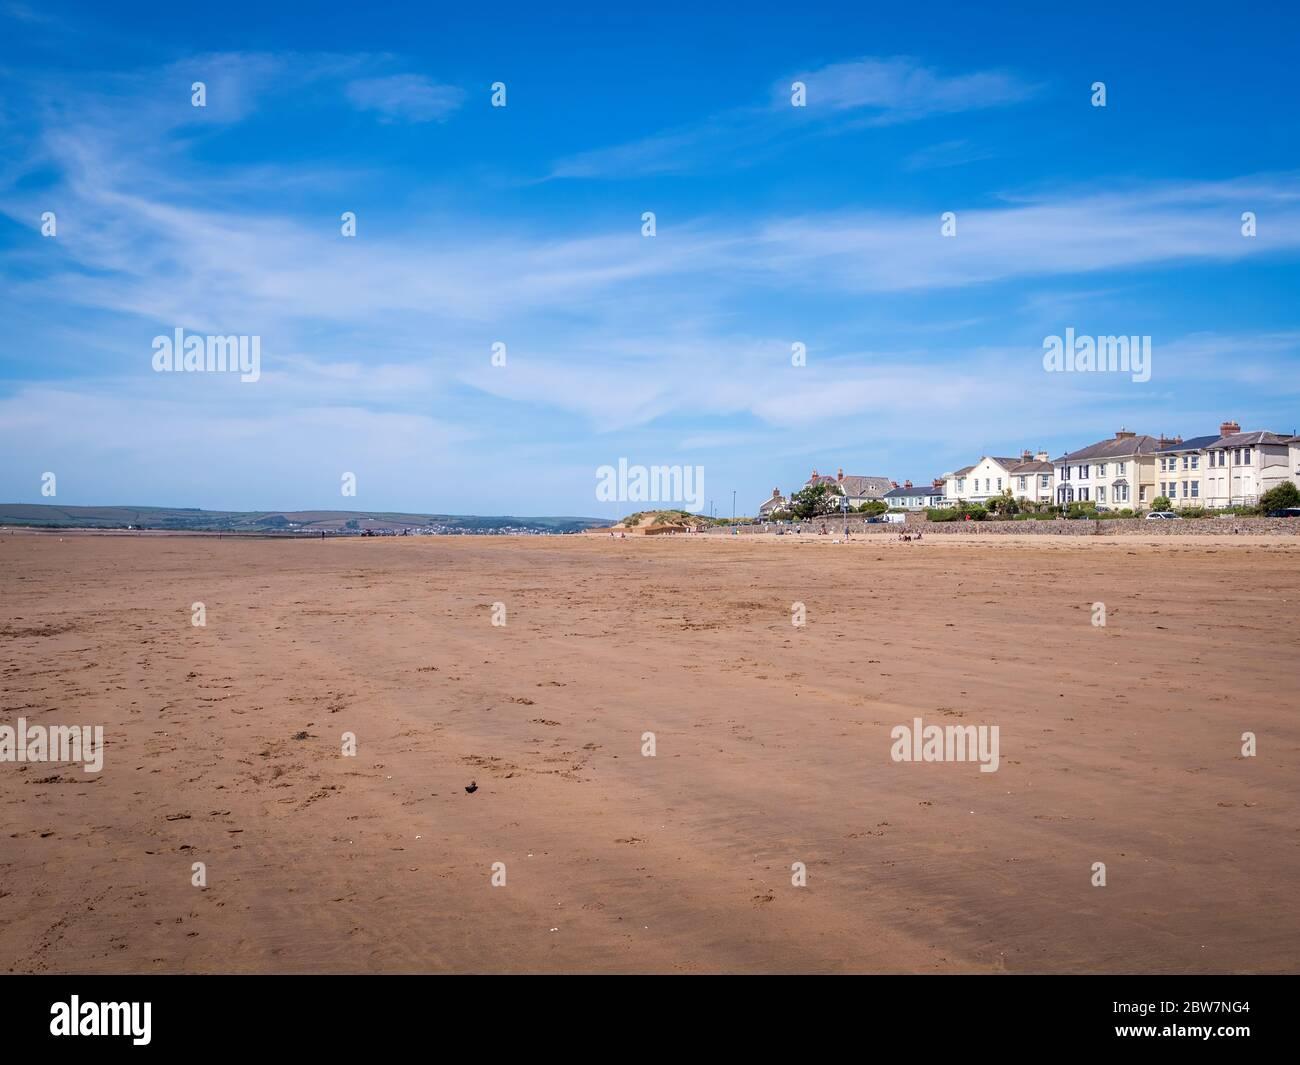 INDOW, DEVON, Reino Unido - MAYO 25 2020: Playa de arena casi desierta, Instow, norte de Devon Reino Unido. Pocas personas. Turismo diezmado por Coronavirus, cierre de Covid. Foto de stock